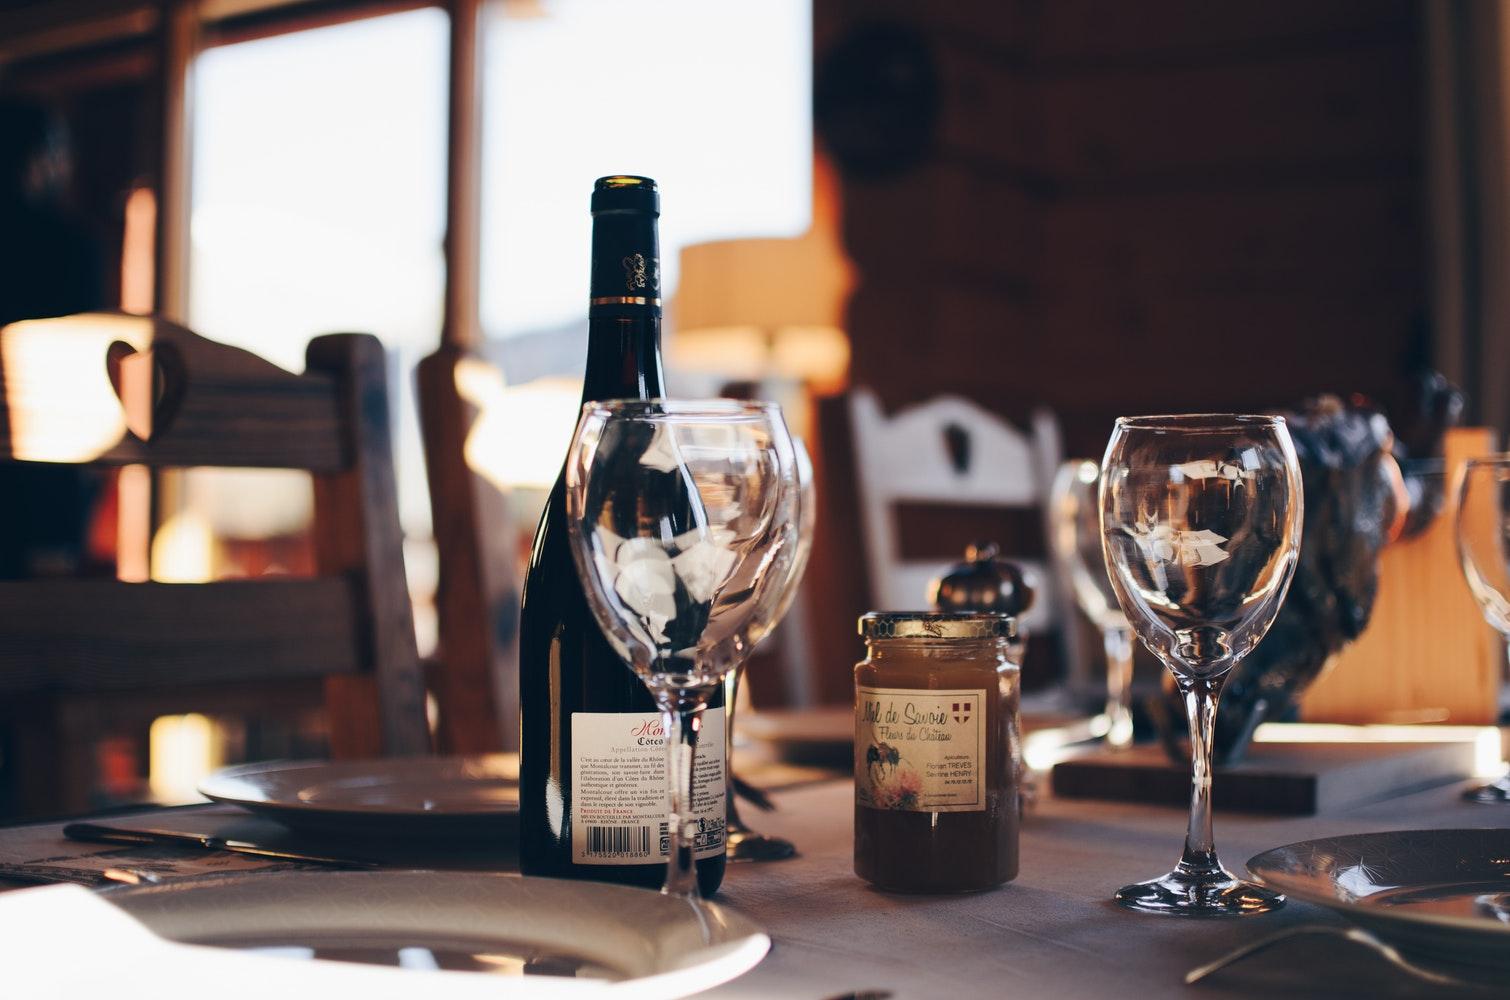 Bar & Restaurant - Surry Hills